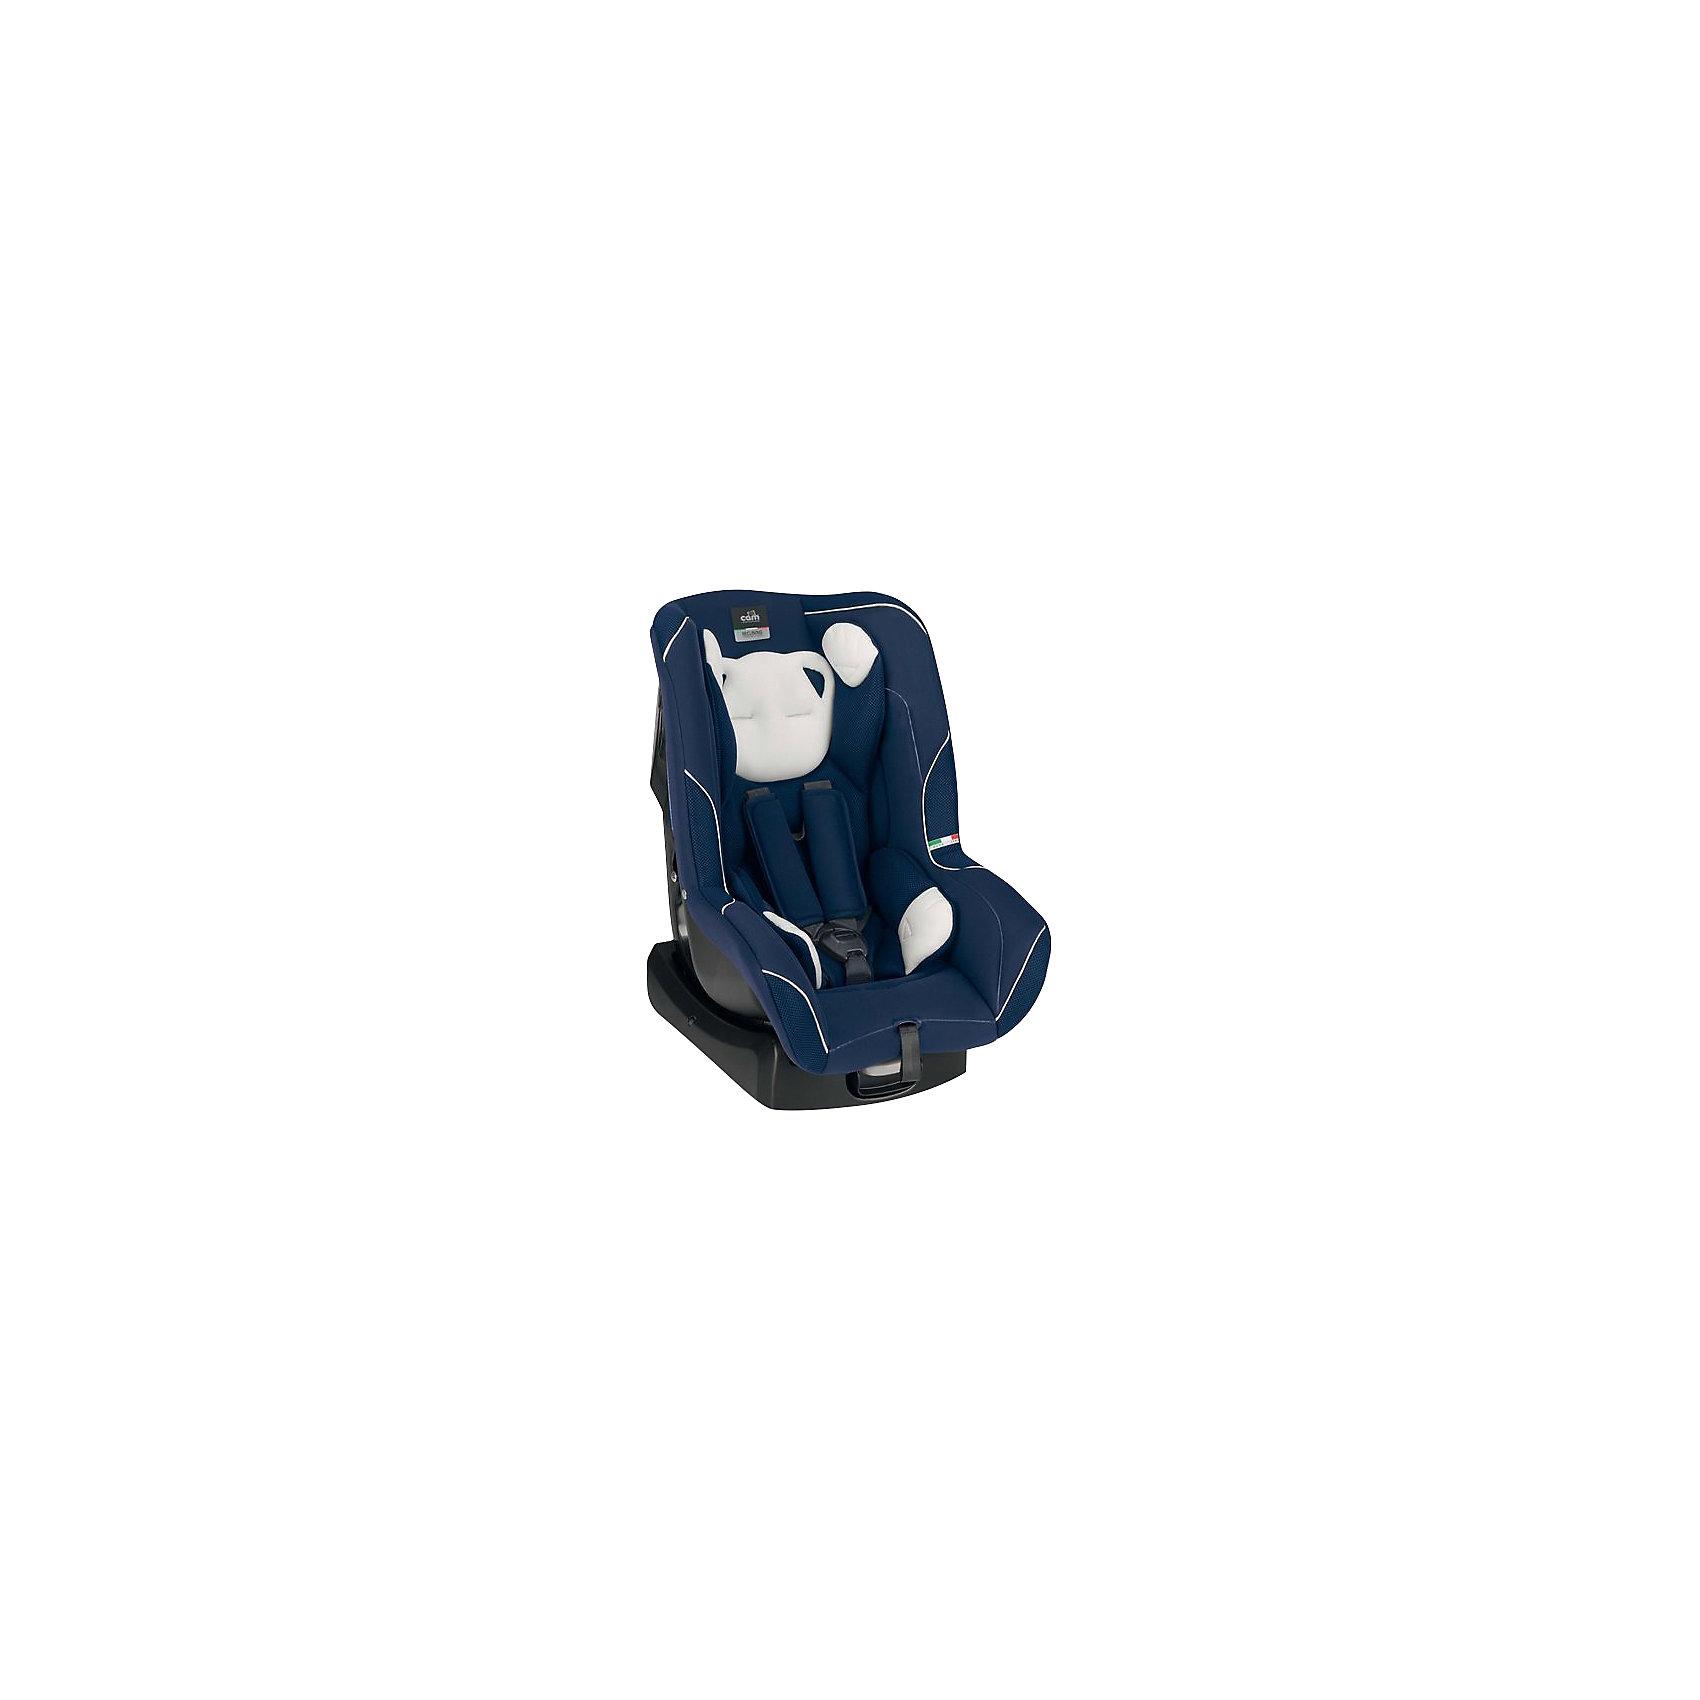 Автокресло CAM с подголовником Auto Gara, 0-18 кг, синий/серый